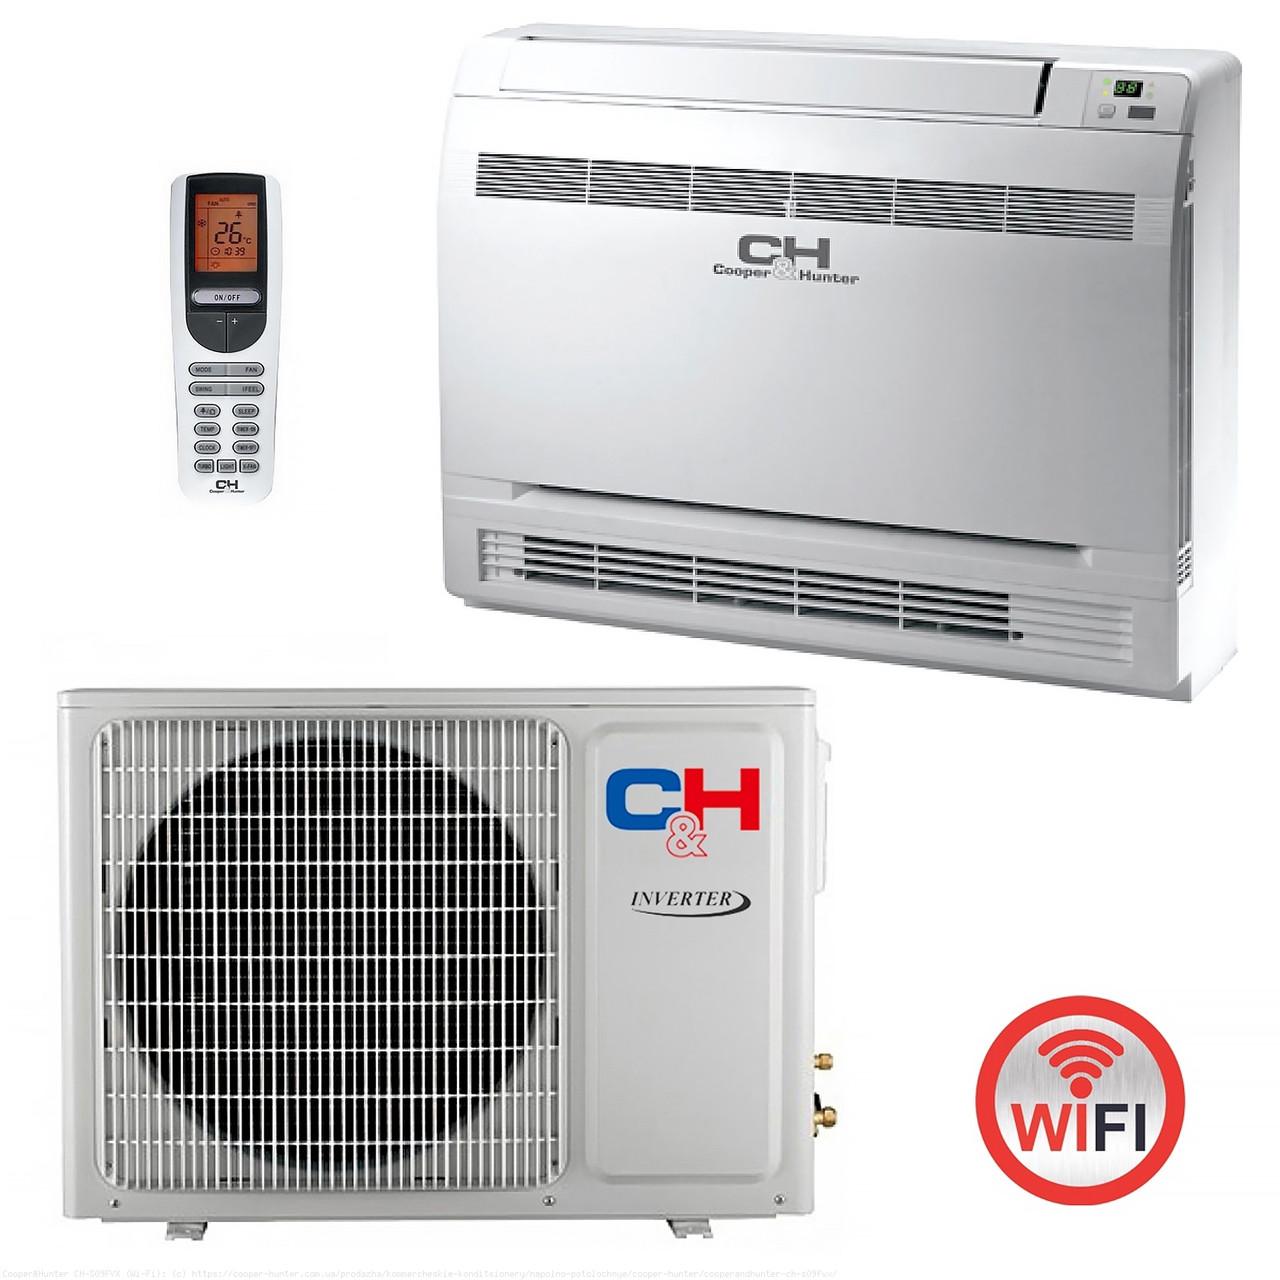 Кондиционер консольный (инверторный) напольно-потолочный Cooper&Hunter CH-S18FVX (Wi-Fi)